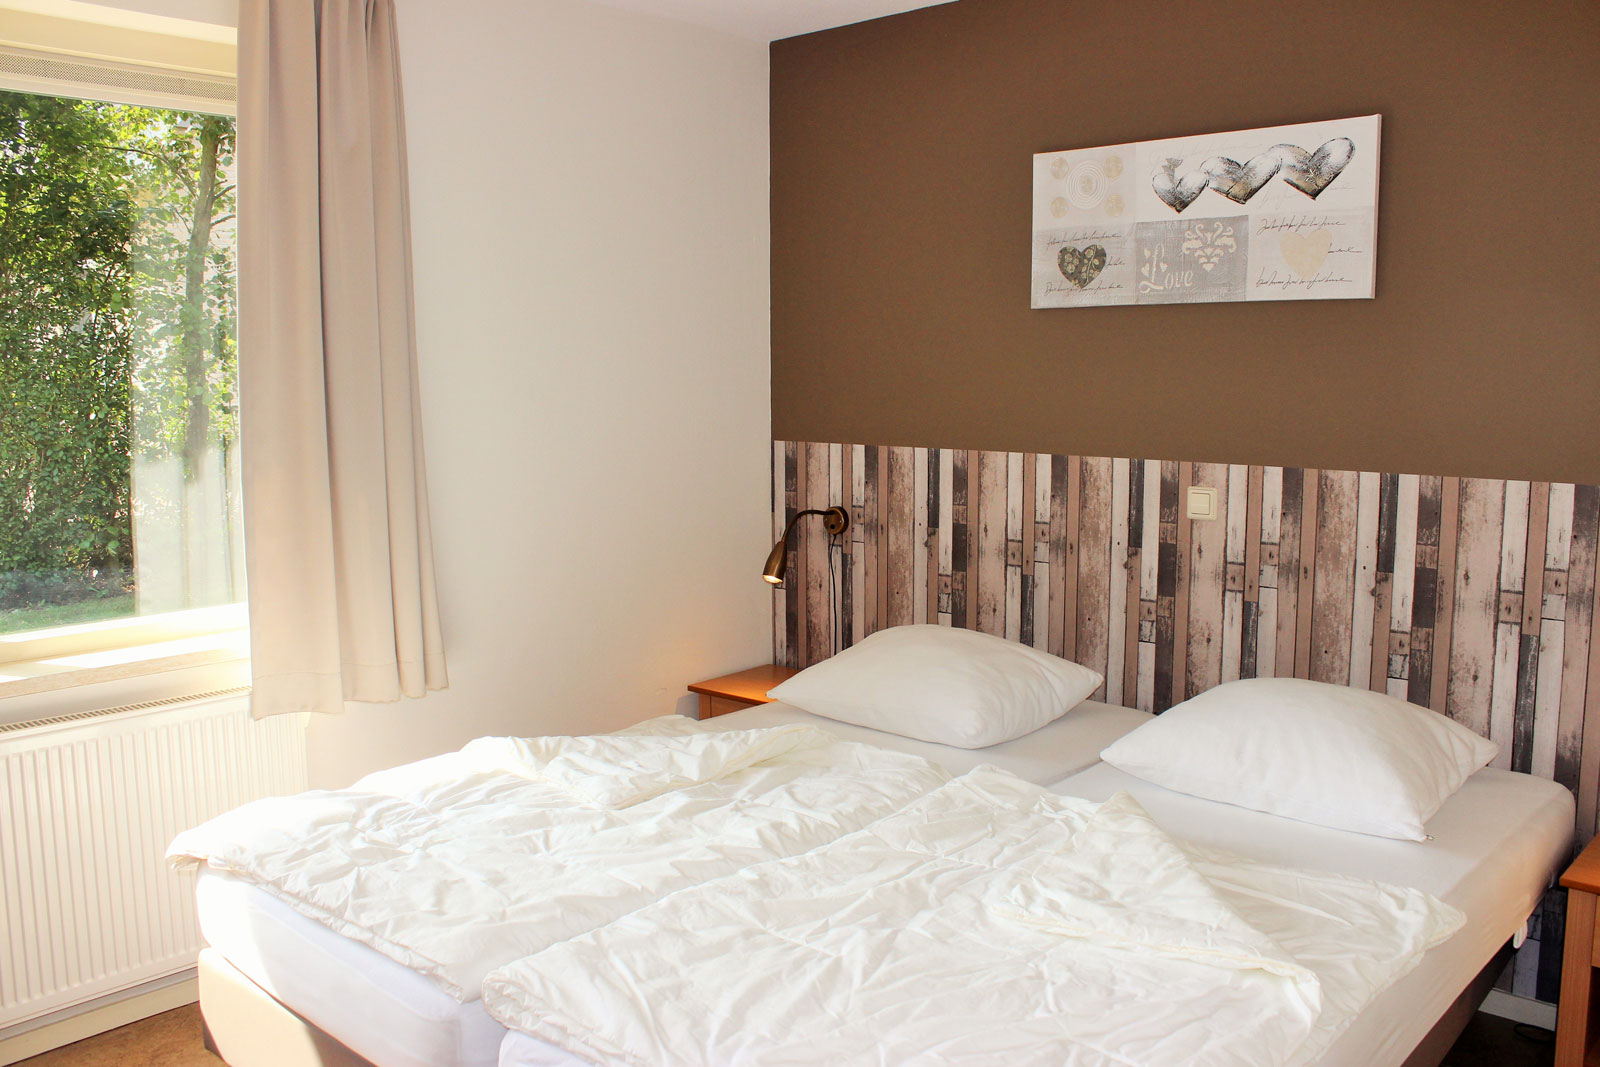 vakantiehuizen nr 12 en 14 slaapkamer beneden